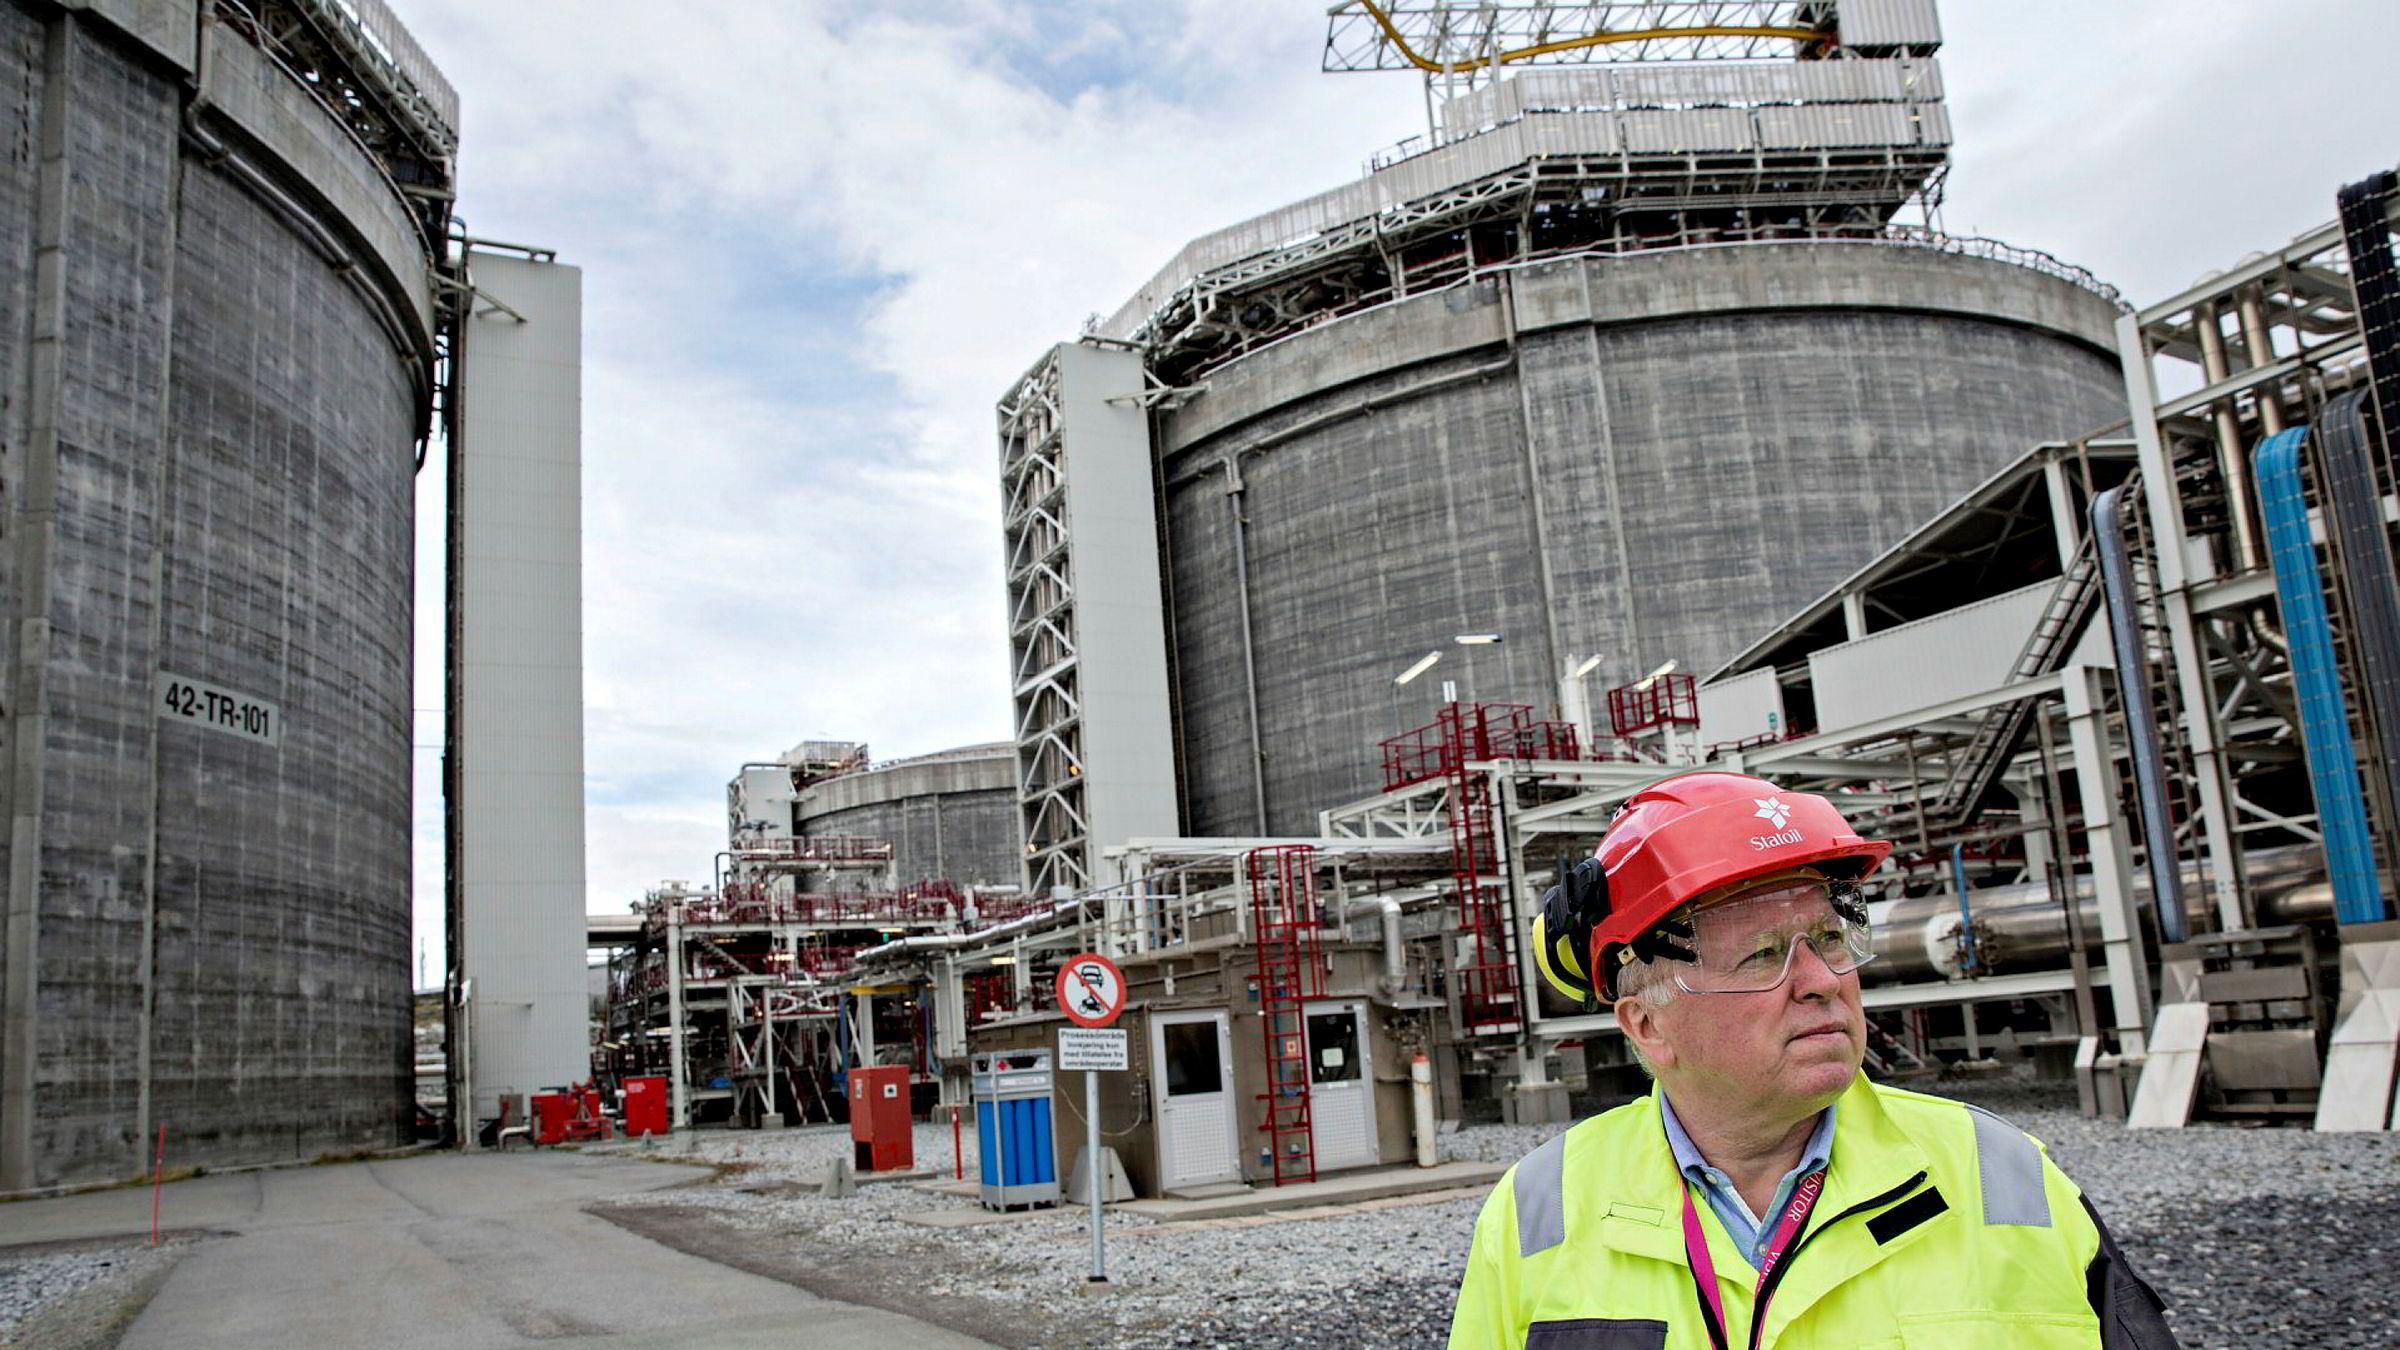 De siste årene har Miljødirektoratet funnet lovbrudd på flere av Equinors anlegg. Nå mener Miljødirektoratet at problemet må håndteres ikke bare av ledelsen på de enkelte anleggene, men i selskapsledelsen. Her Eldar Sætre på Snøhvit-anlegget på Melkøya i 2016. Anlegget tar imot naturgass fra Snøhvitfeltet nordvest for Hammerfest.